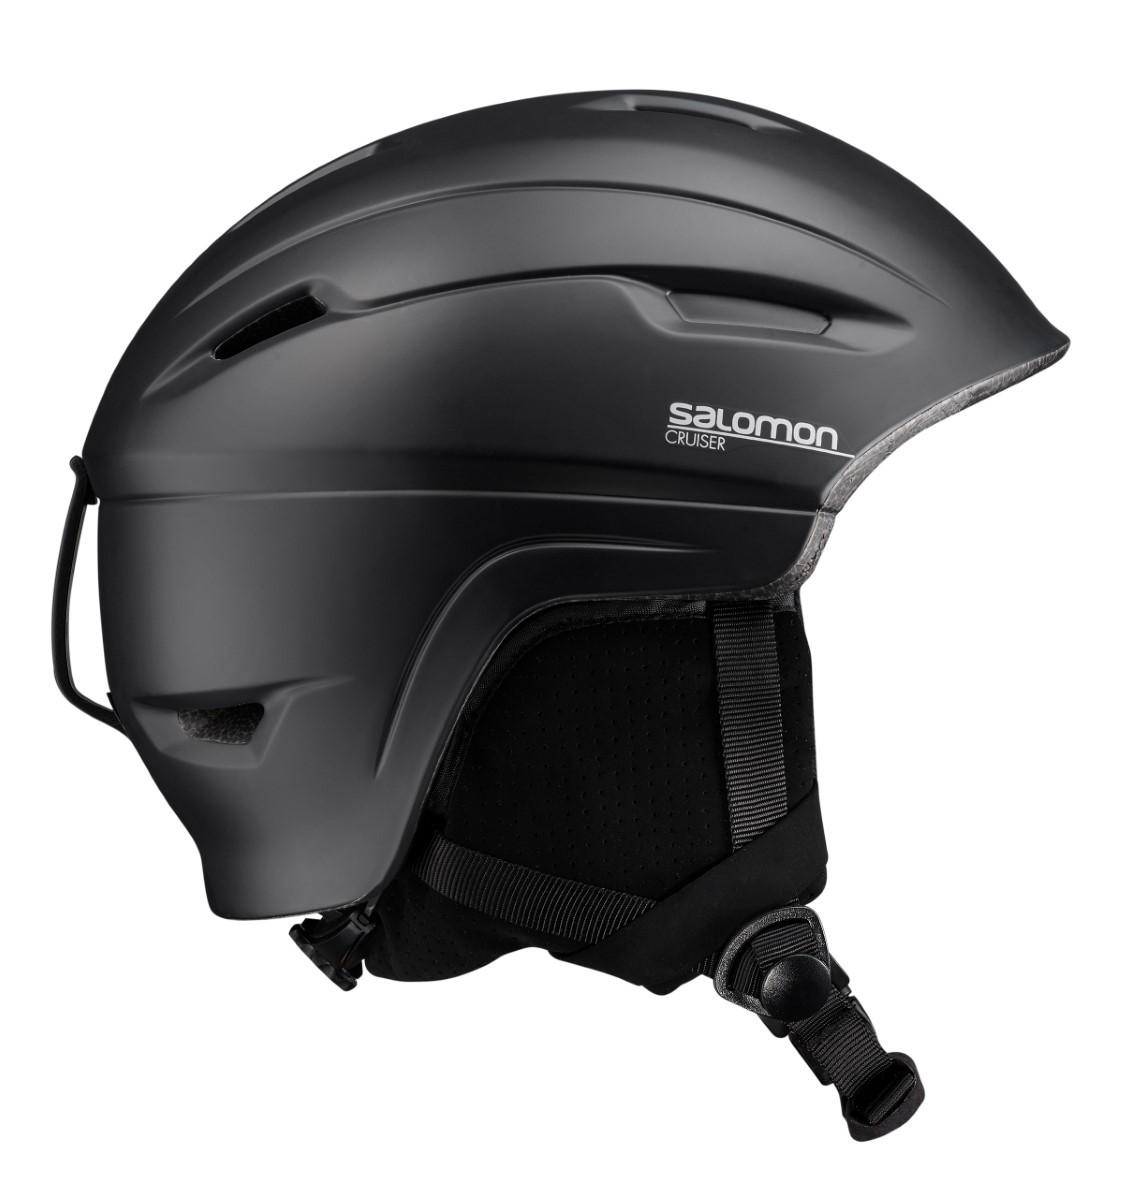 Salomon Cruiser 4D 2020